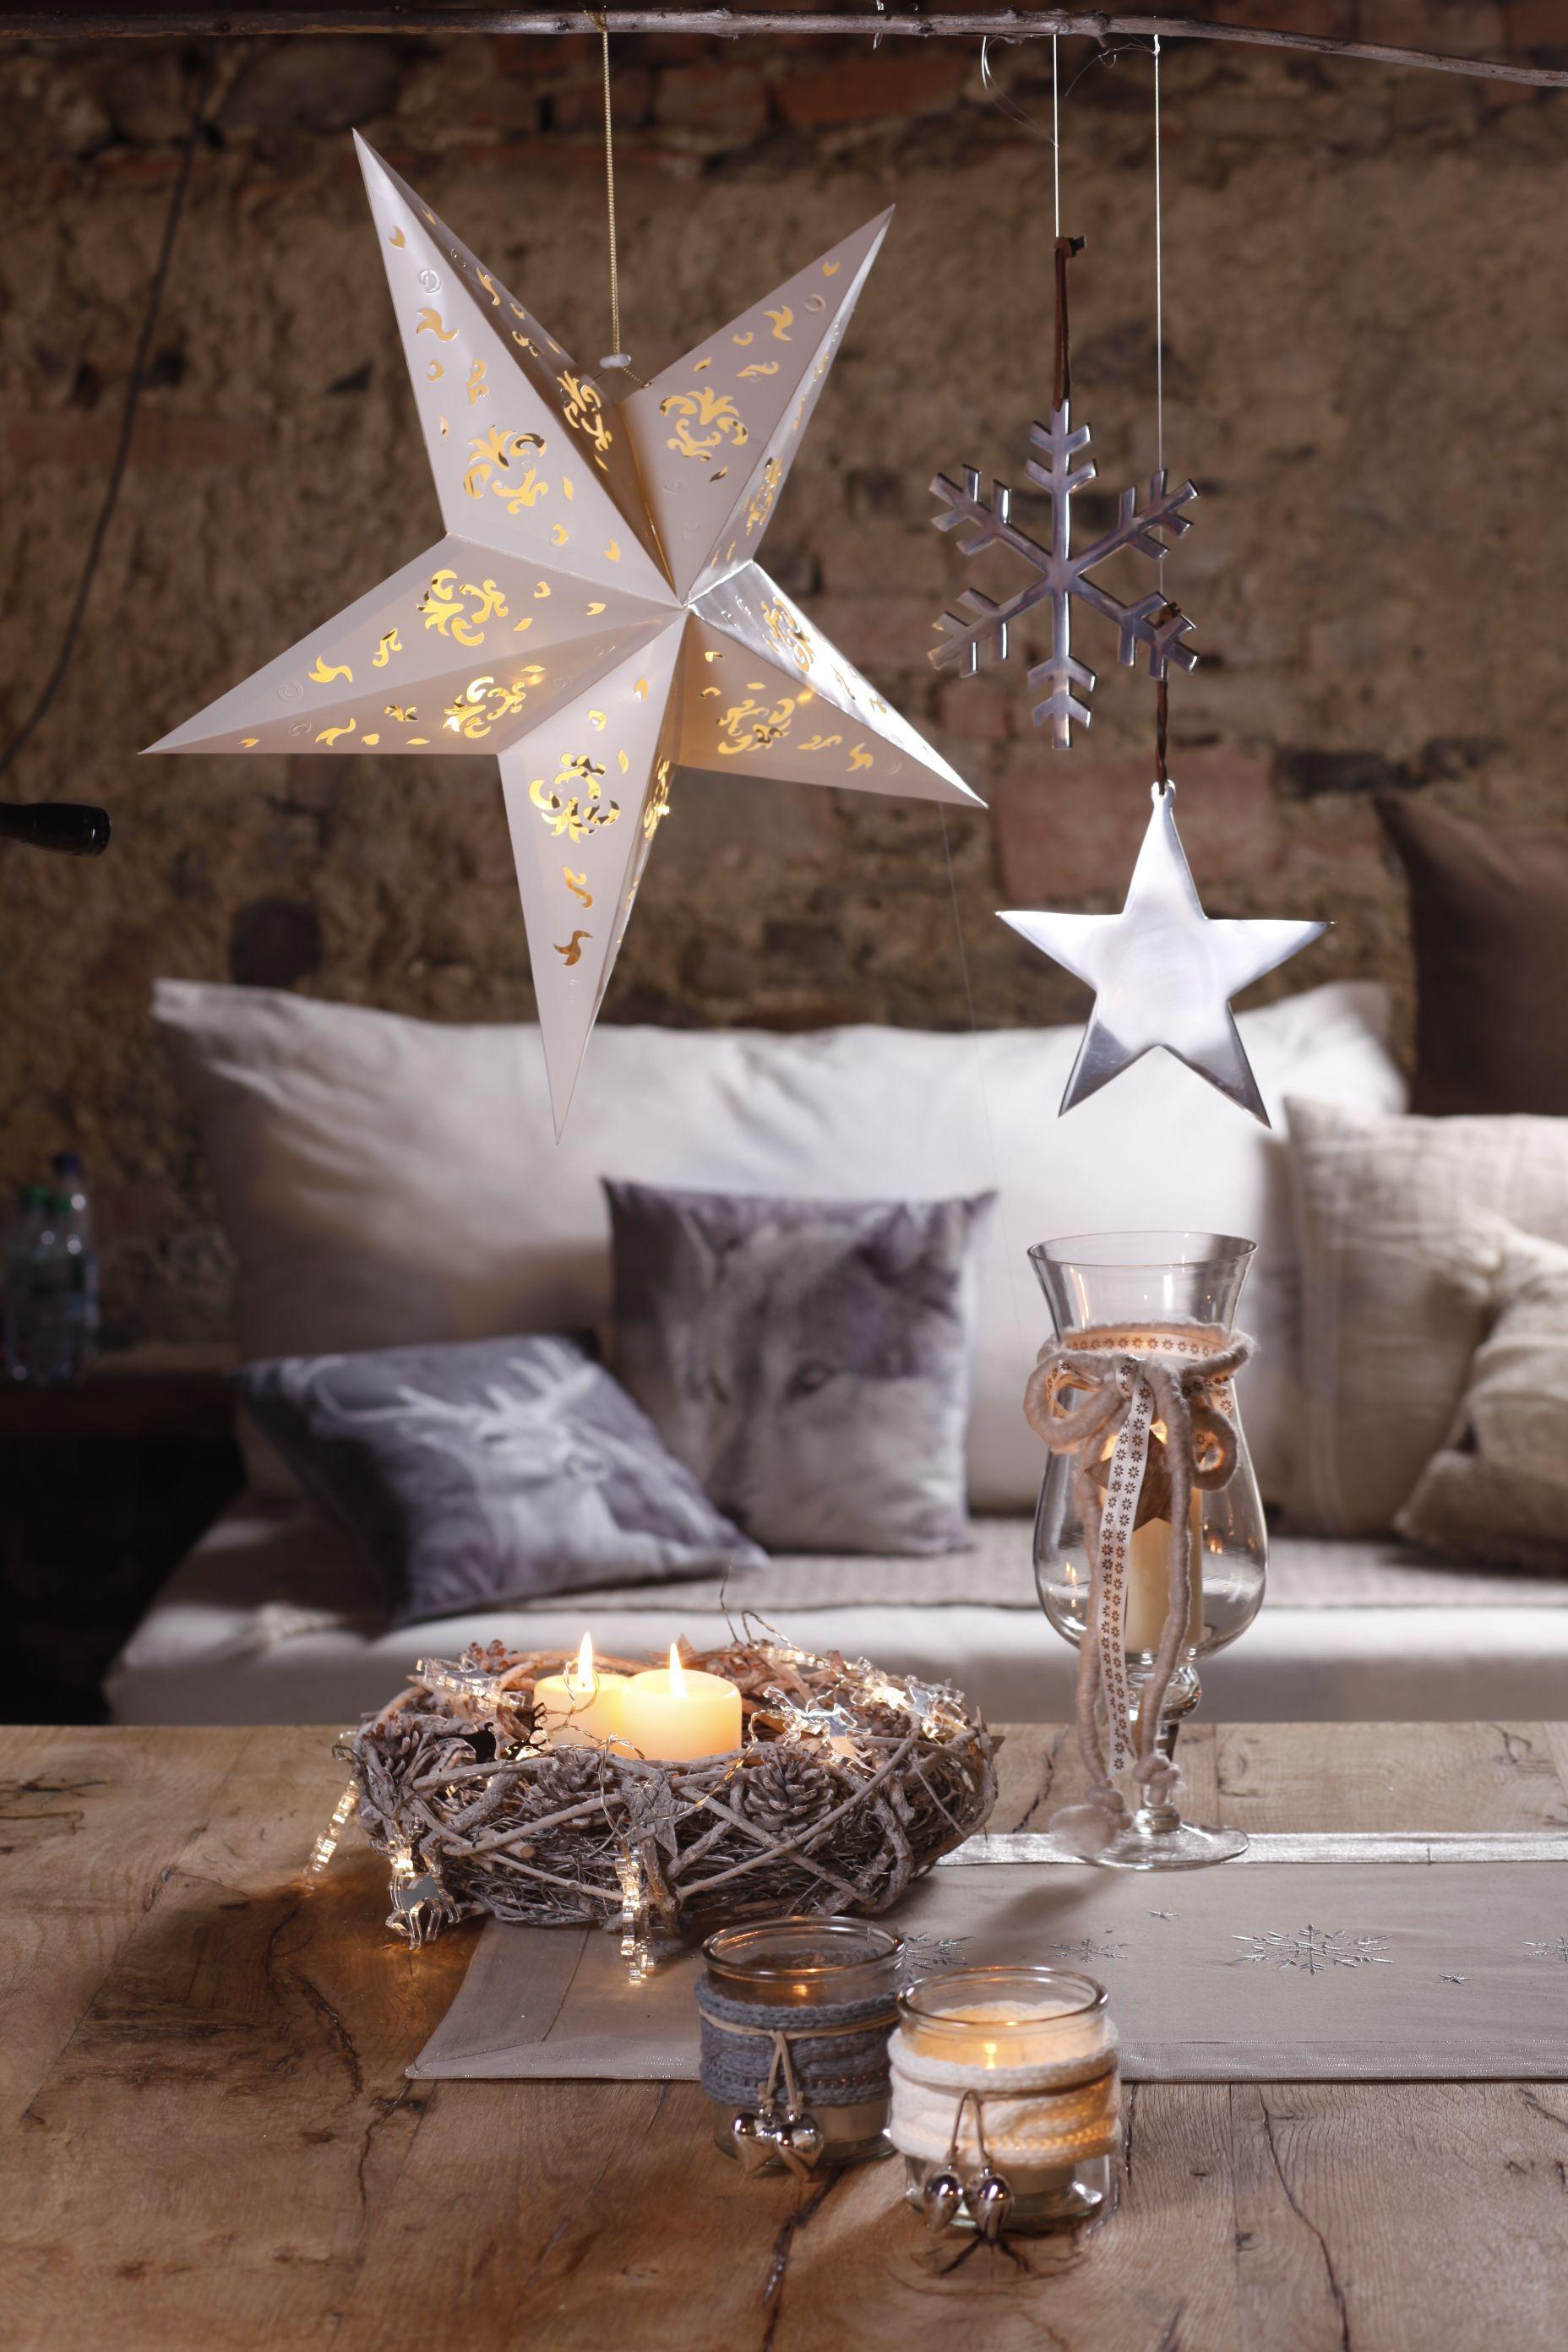 Großartig Schöne Deko Ideen Für Eine Zauberhafte Weihnachtszeit Gibt Es Jetzt Bei  Ernstingu0027s Family #weihnachten